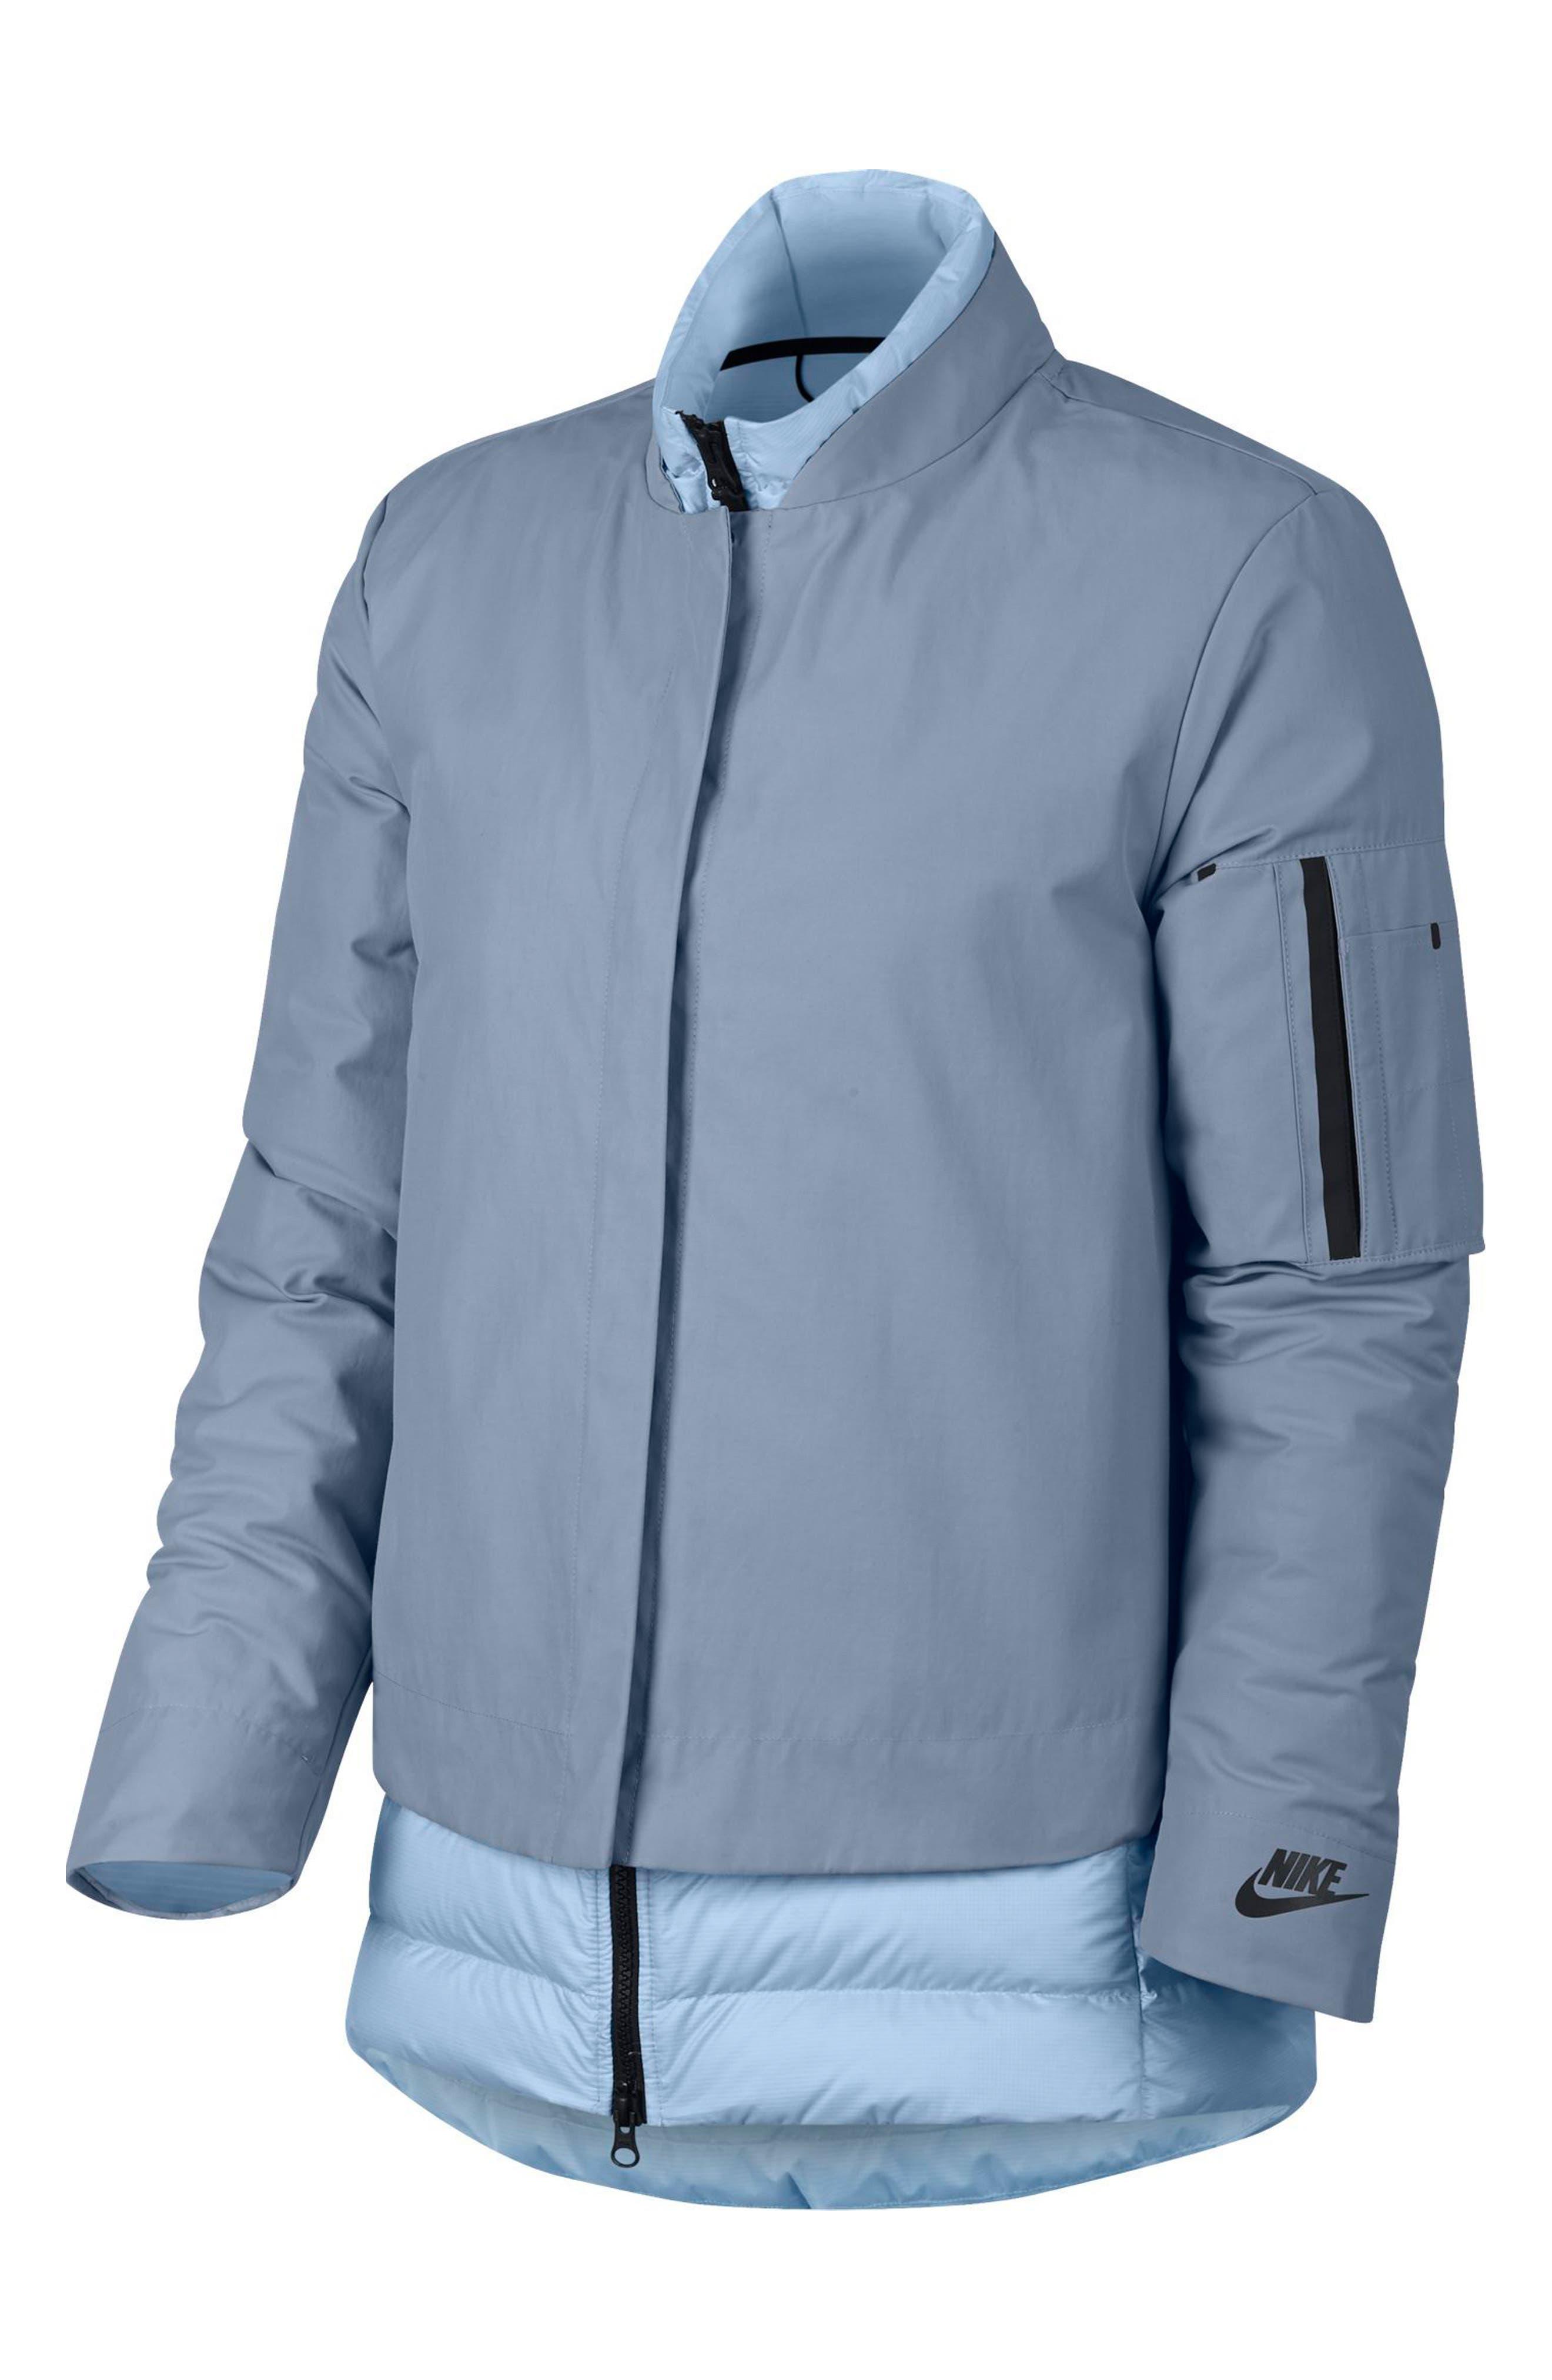 Nike Sportswear AeroLoft 3-in-1 Down Jacket